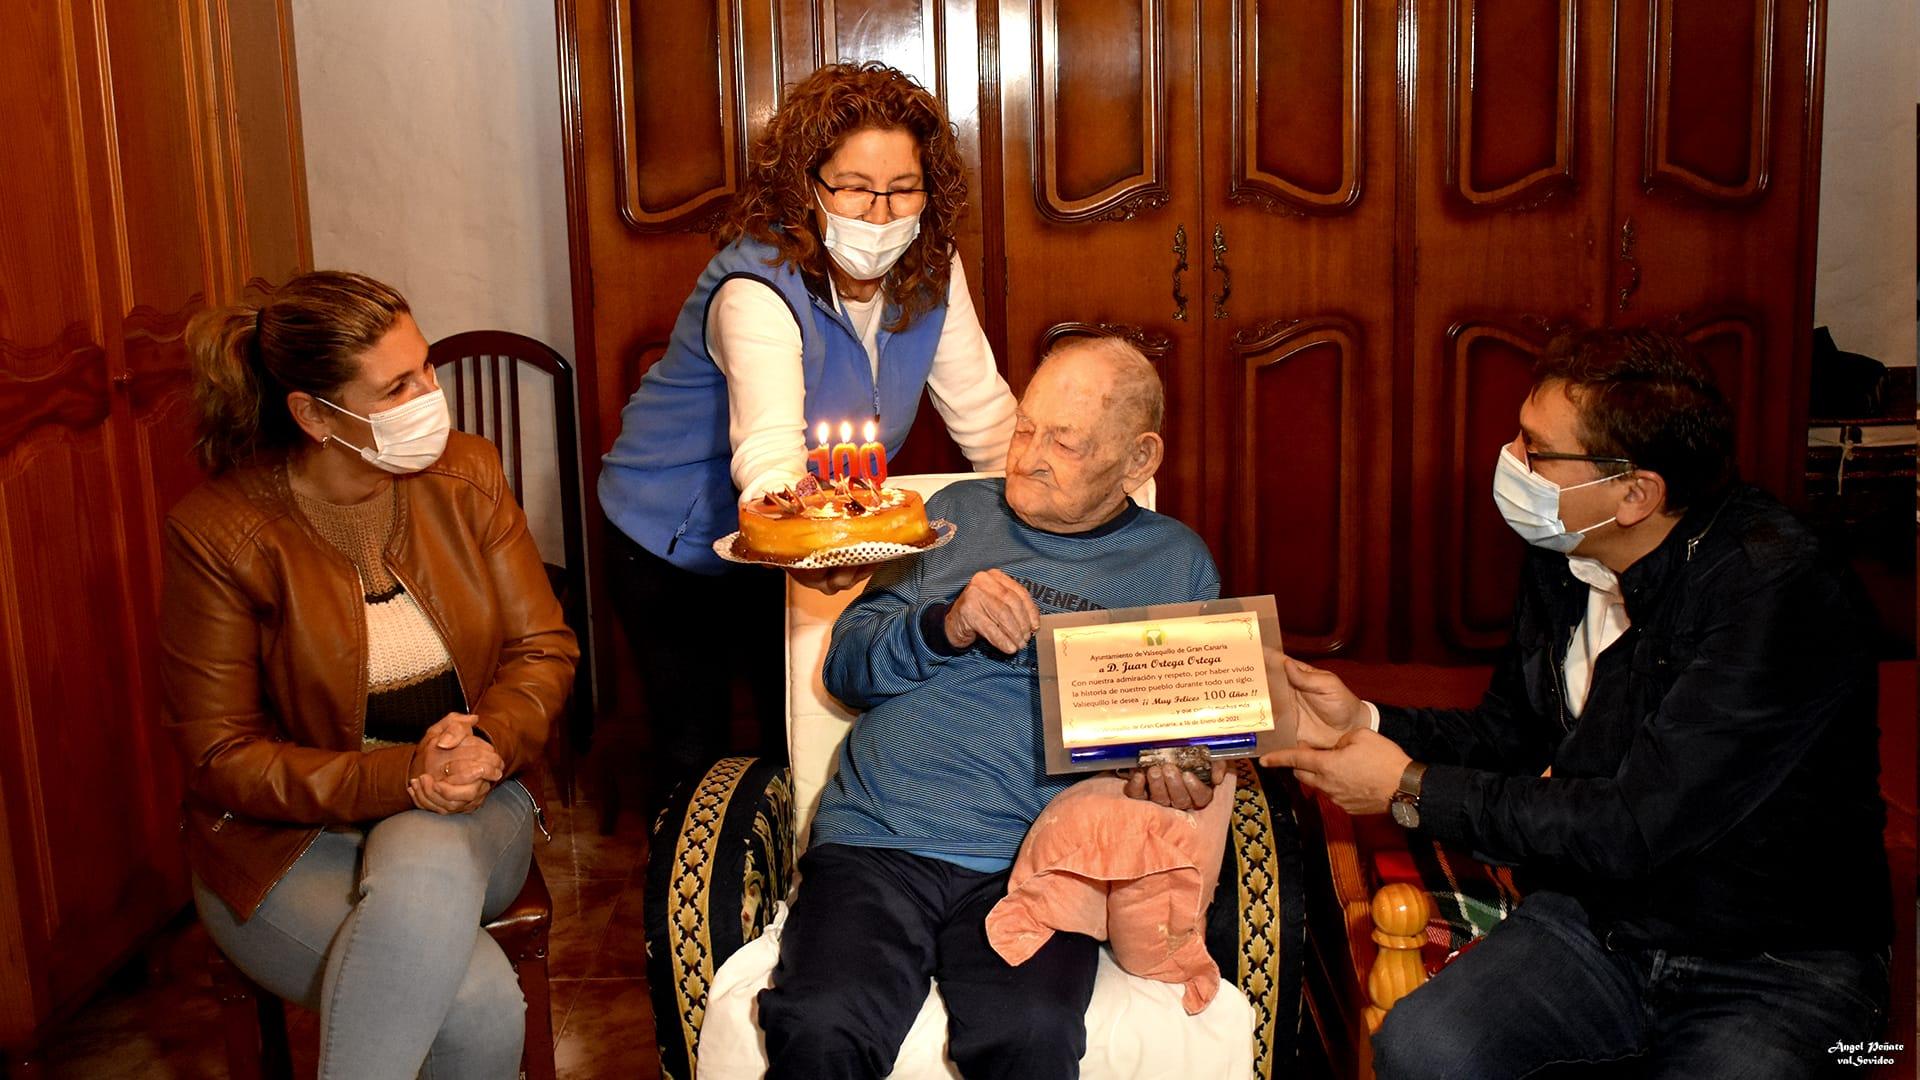 Valsequillo felicita a Juanito Ortega por sus 100 años / CanariasNoticias.es